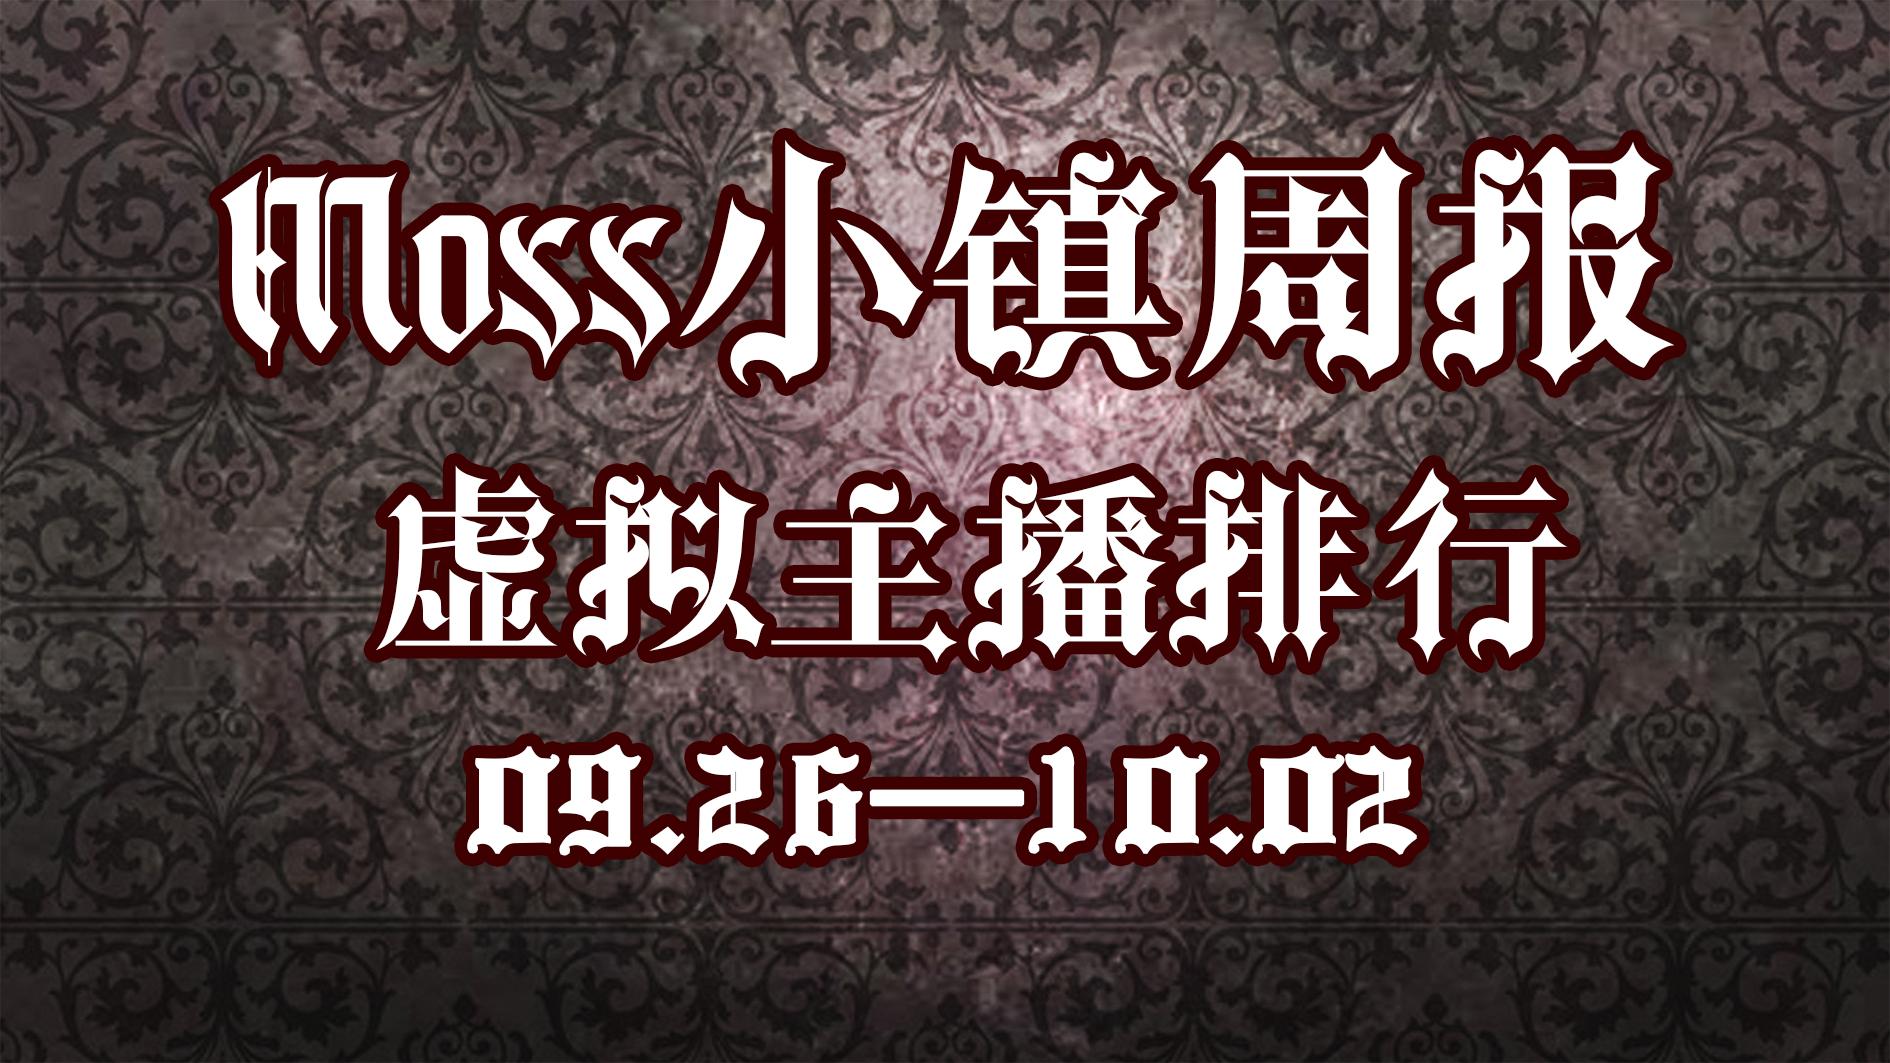 ✟Moss周报✟#02